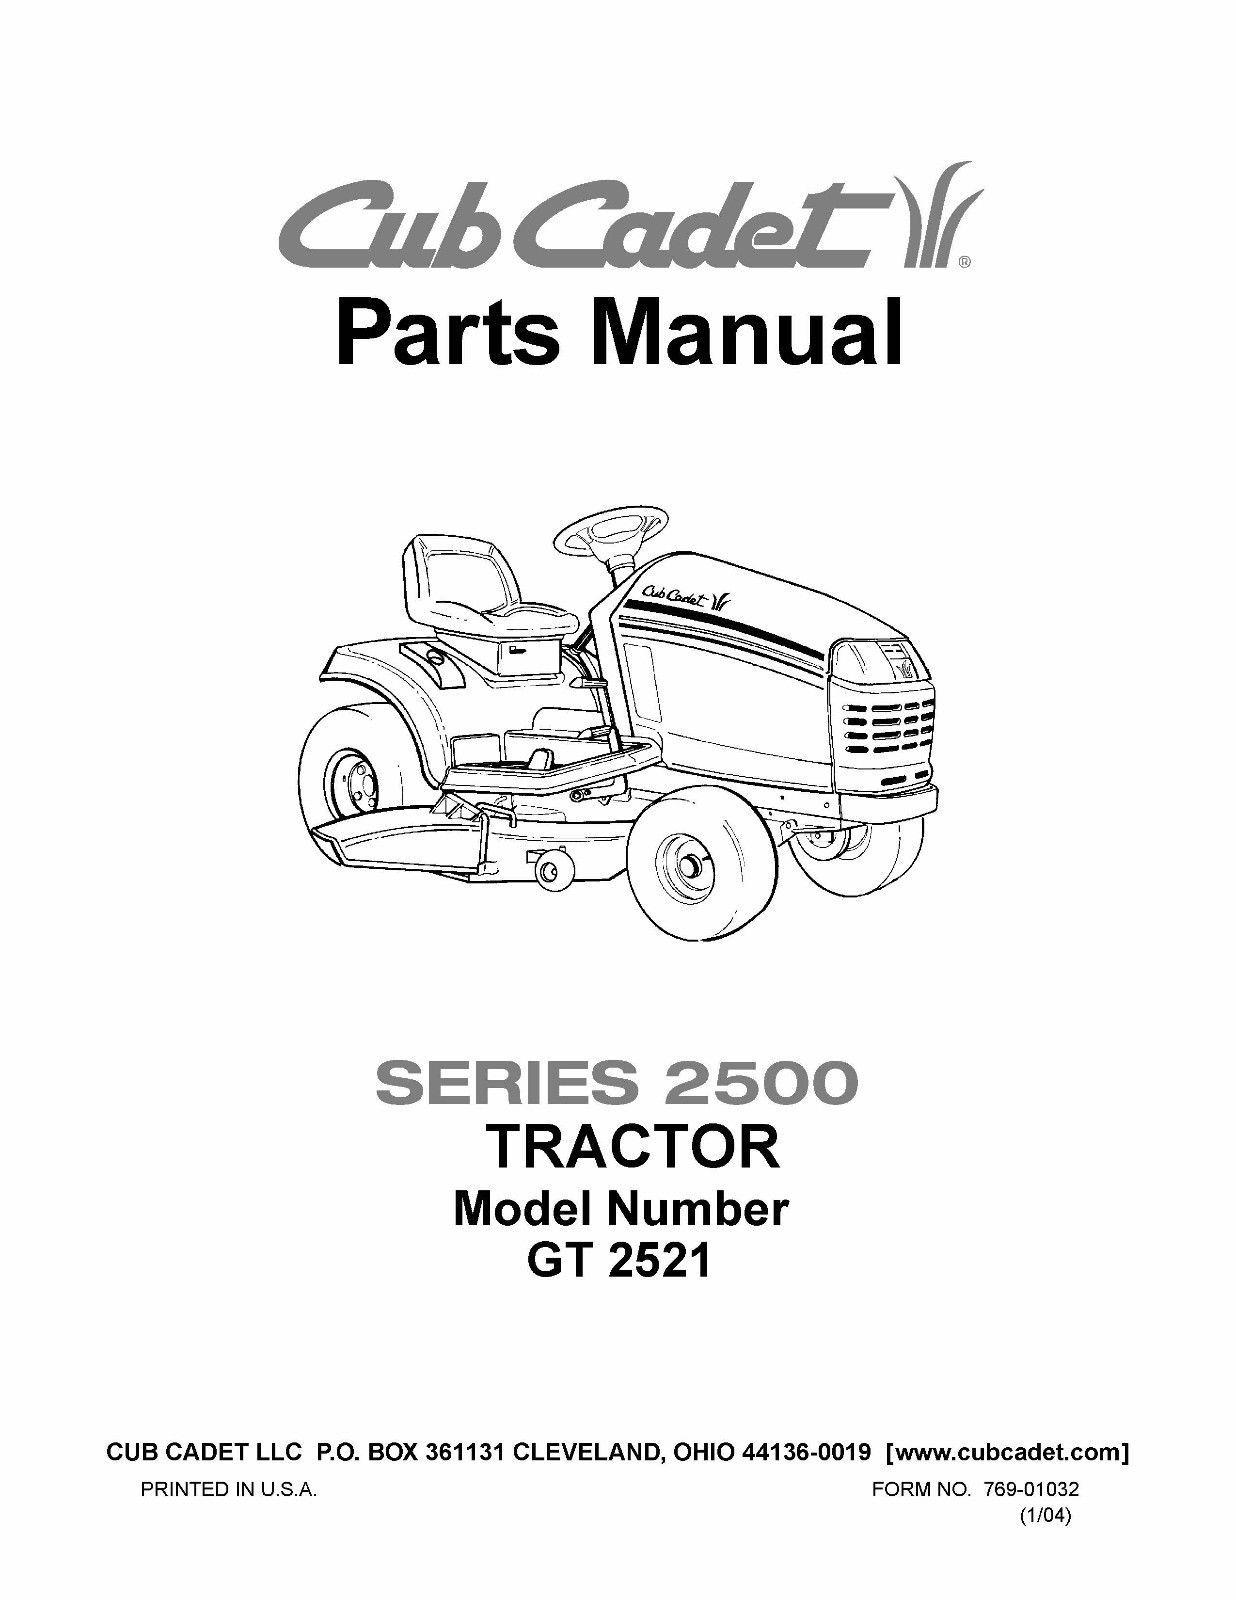 Cub Cadet Parts Manual Model No. GT 2521